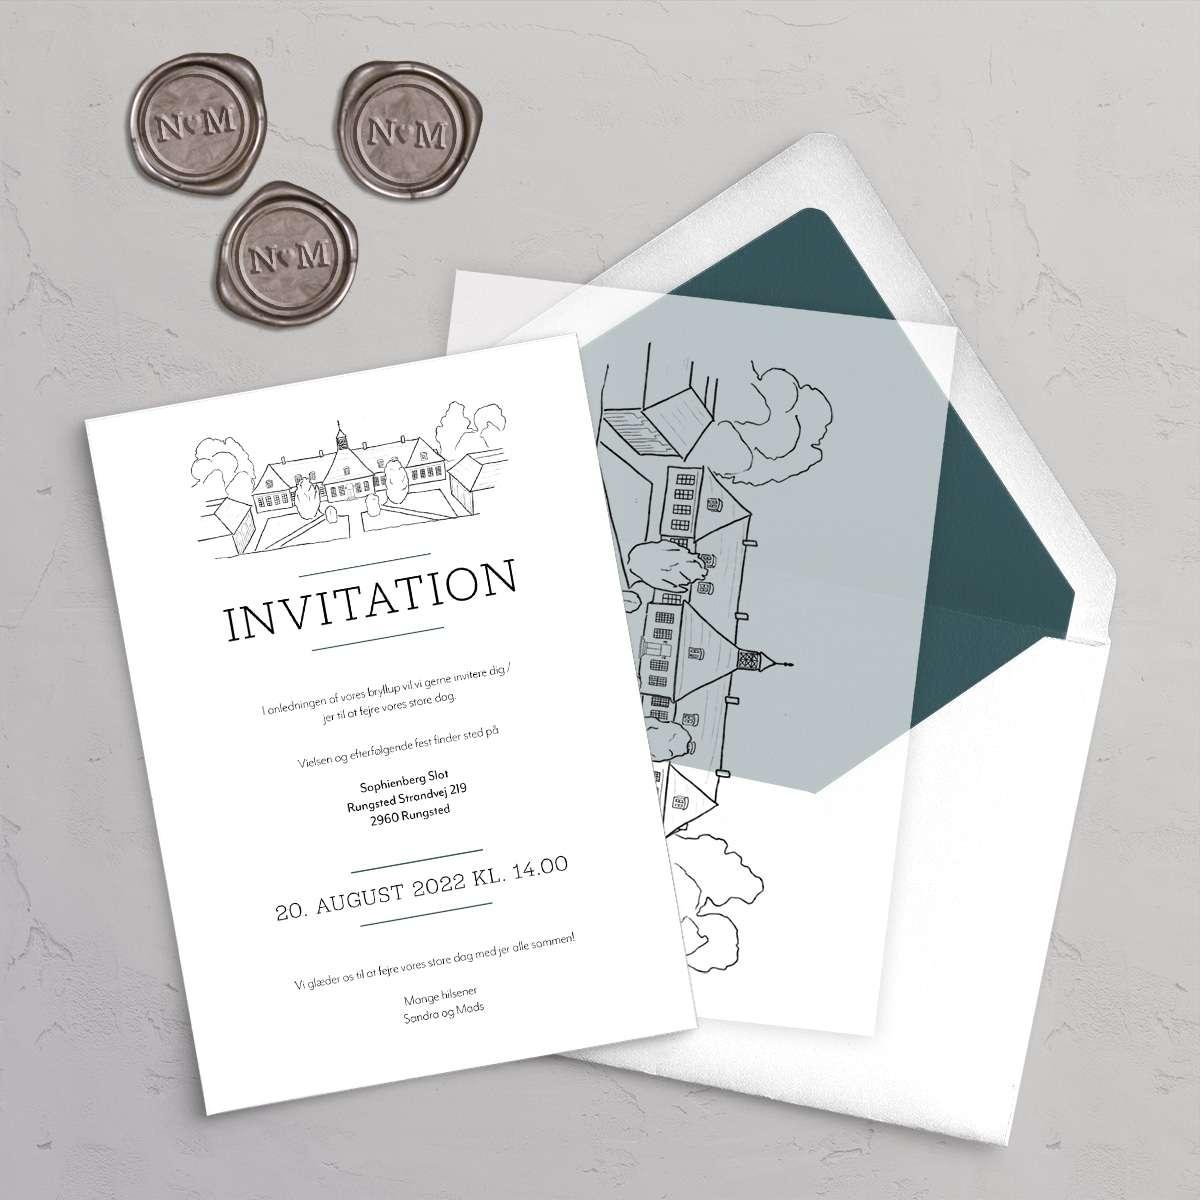 Bryllupsinvitation Sophienberg Slot med vellumcover, monogram klistermærke og foret kuvert i farven Teal